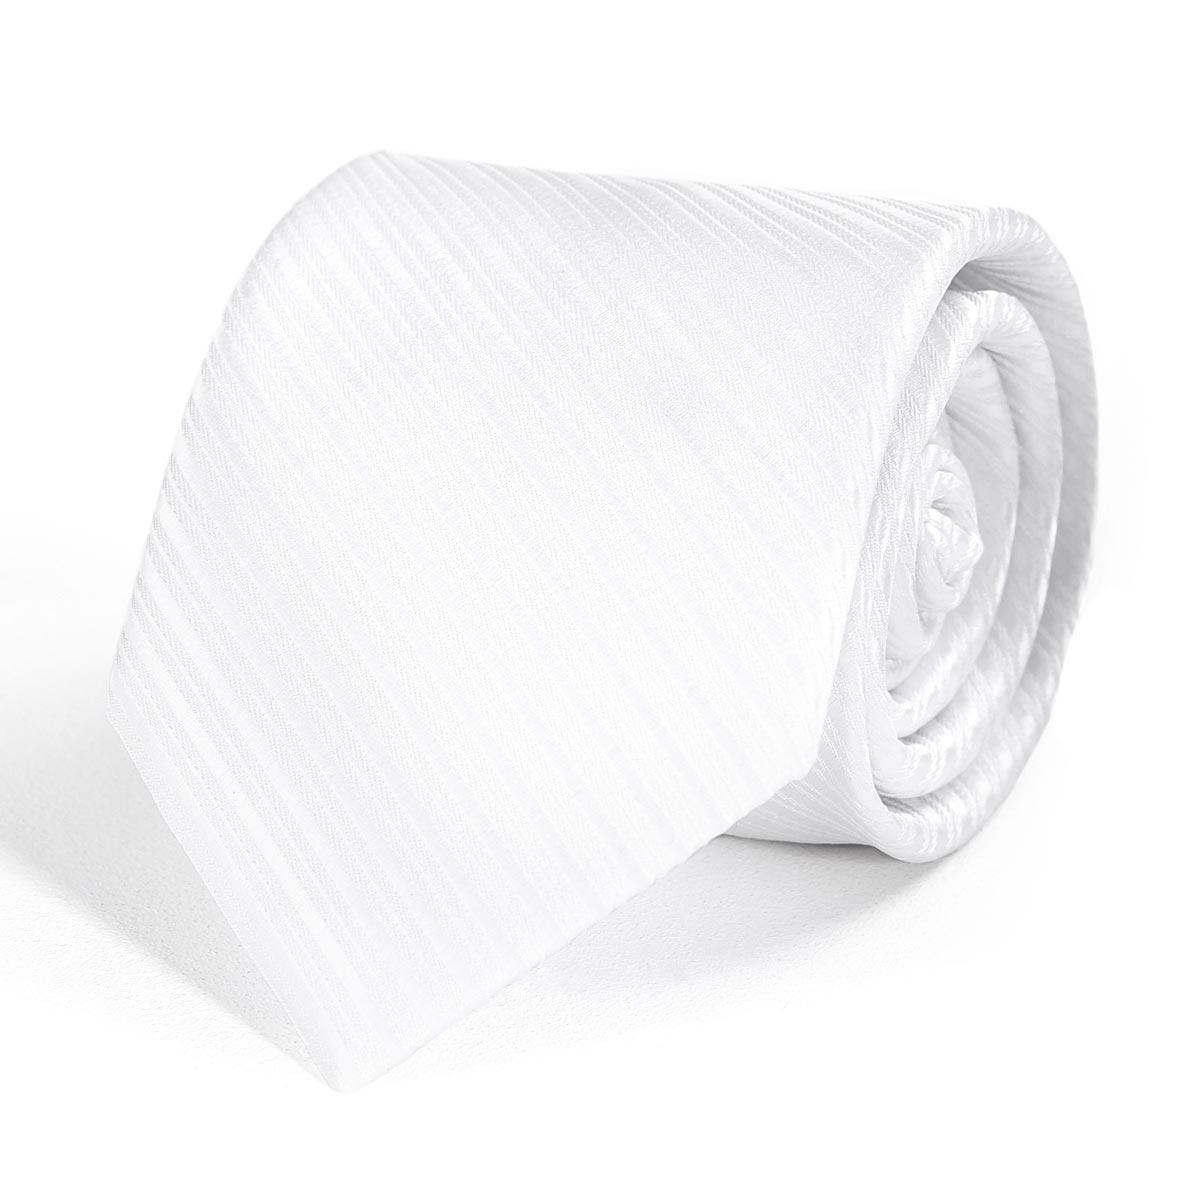 _Cravate-faux-uni-blanc-dandytouch